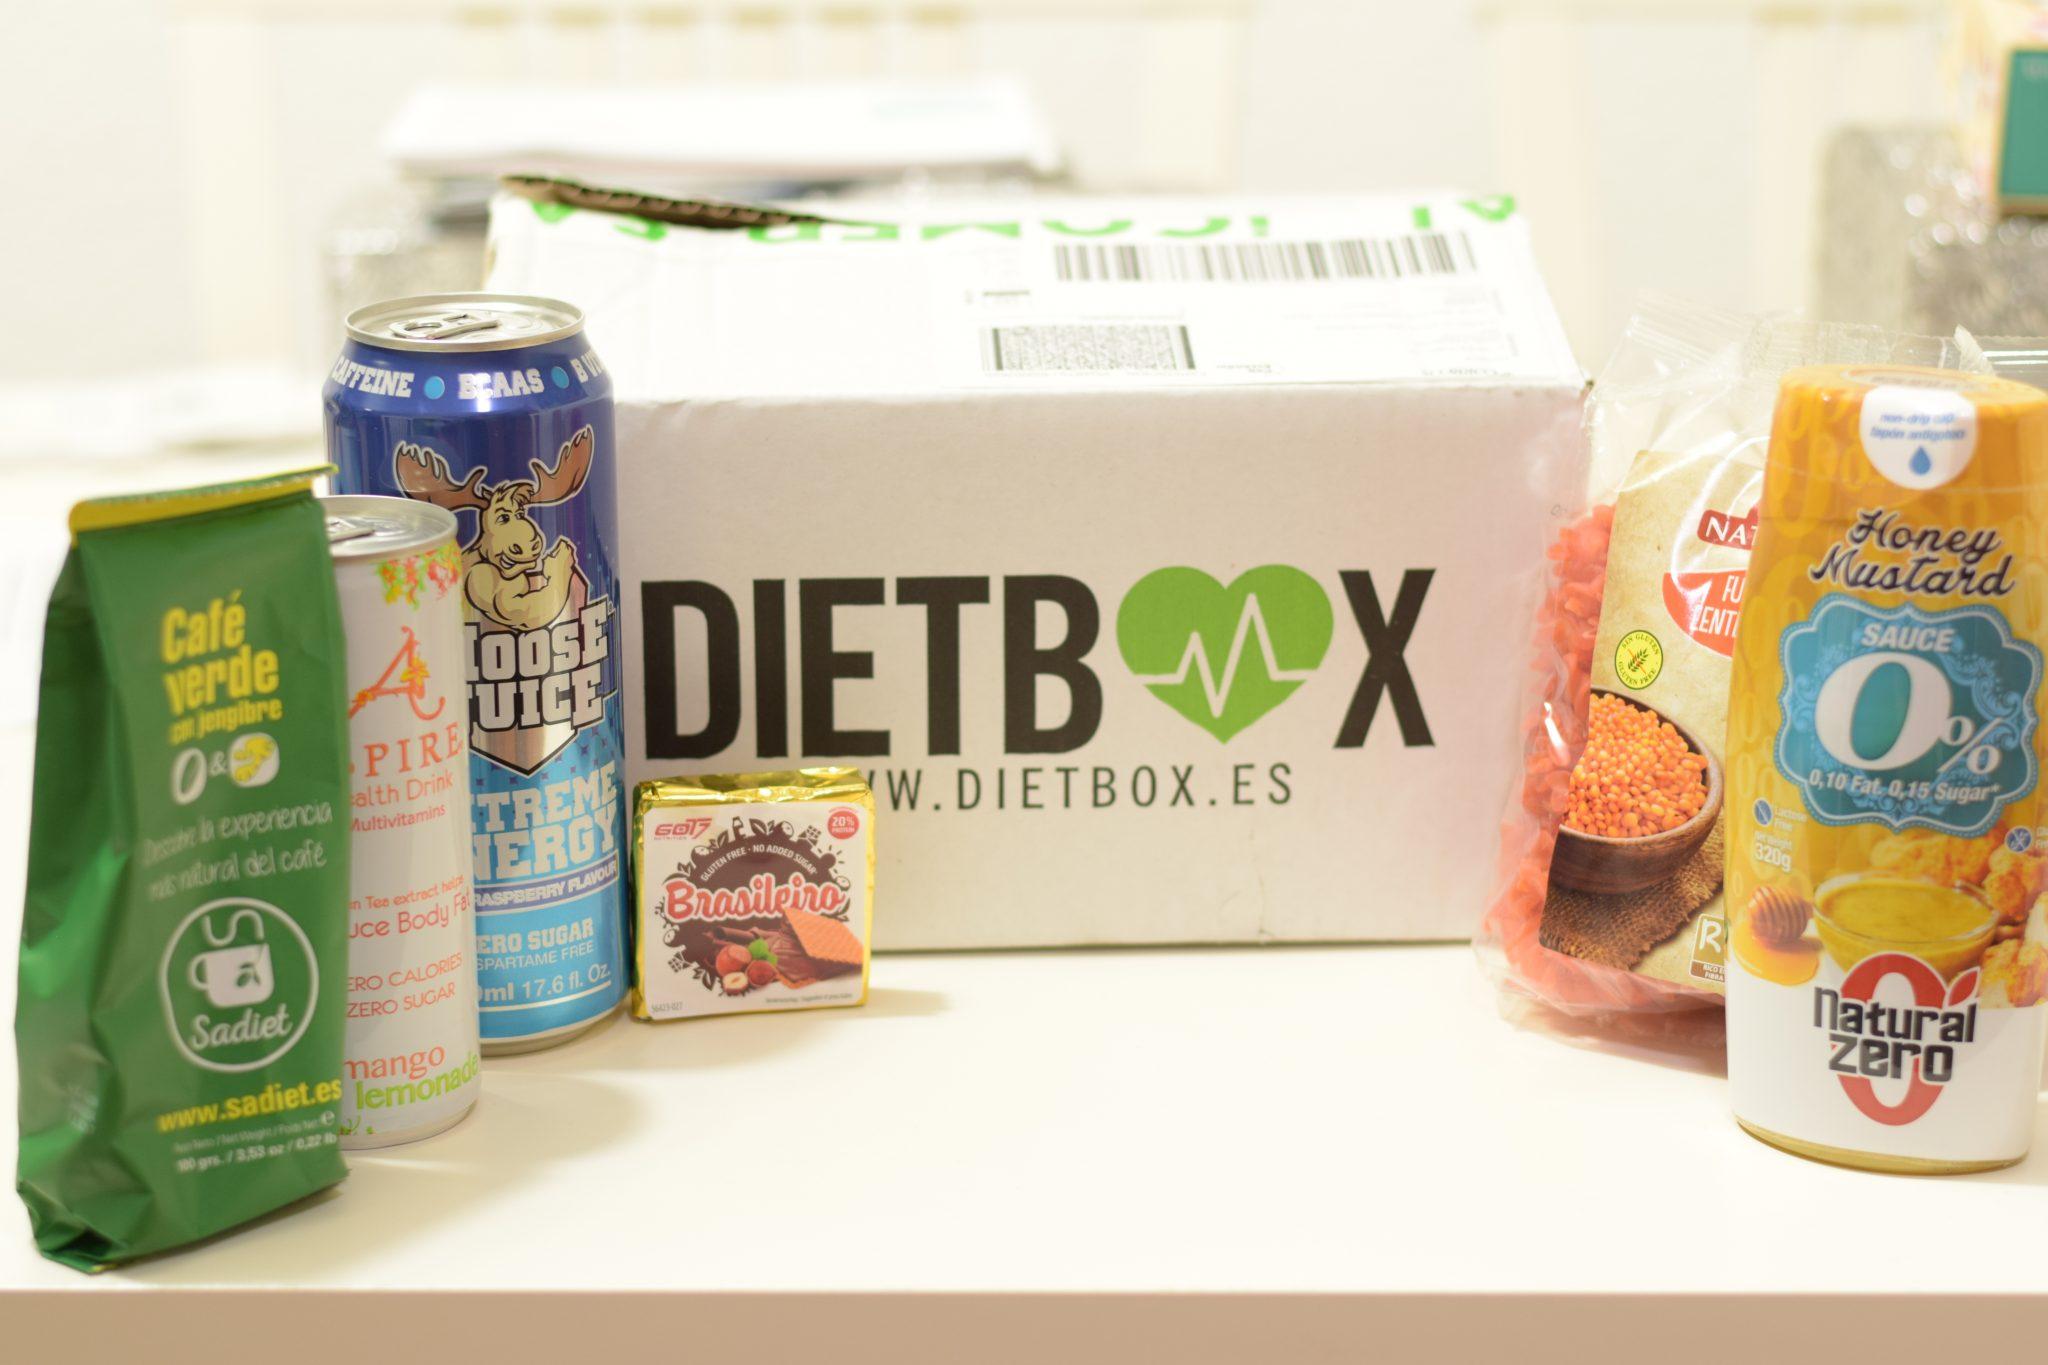 Dietbox de verano, Susana Olympia